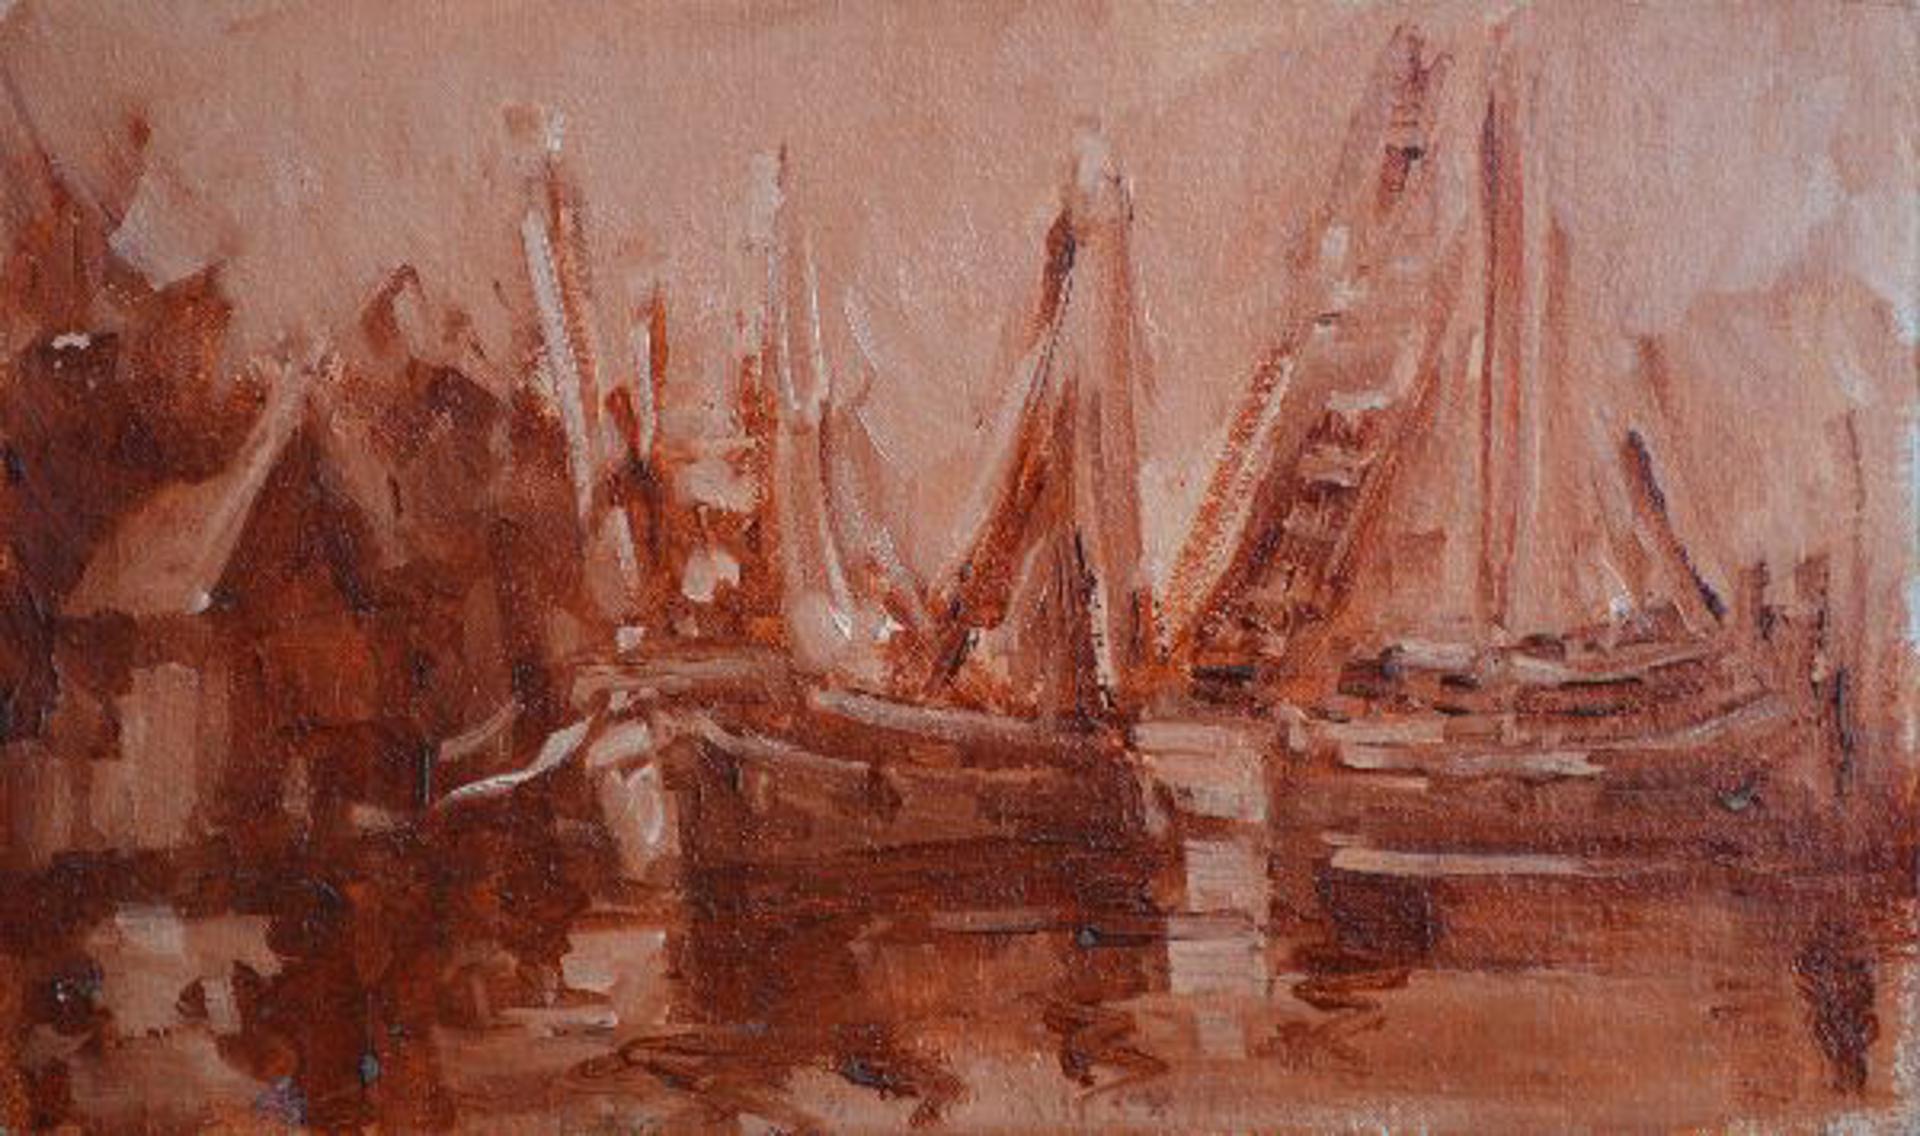 Shrimp Boats in Sienna by Karen Hewitt Hagan